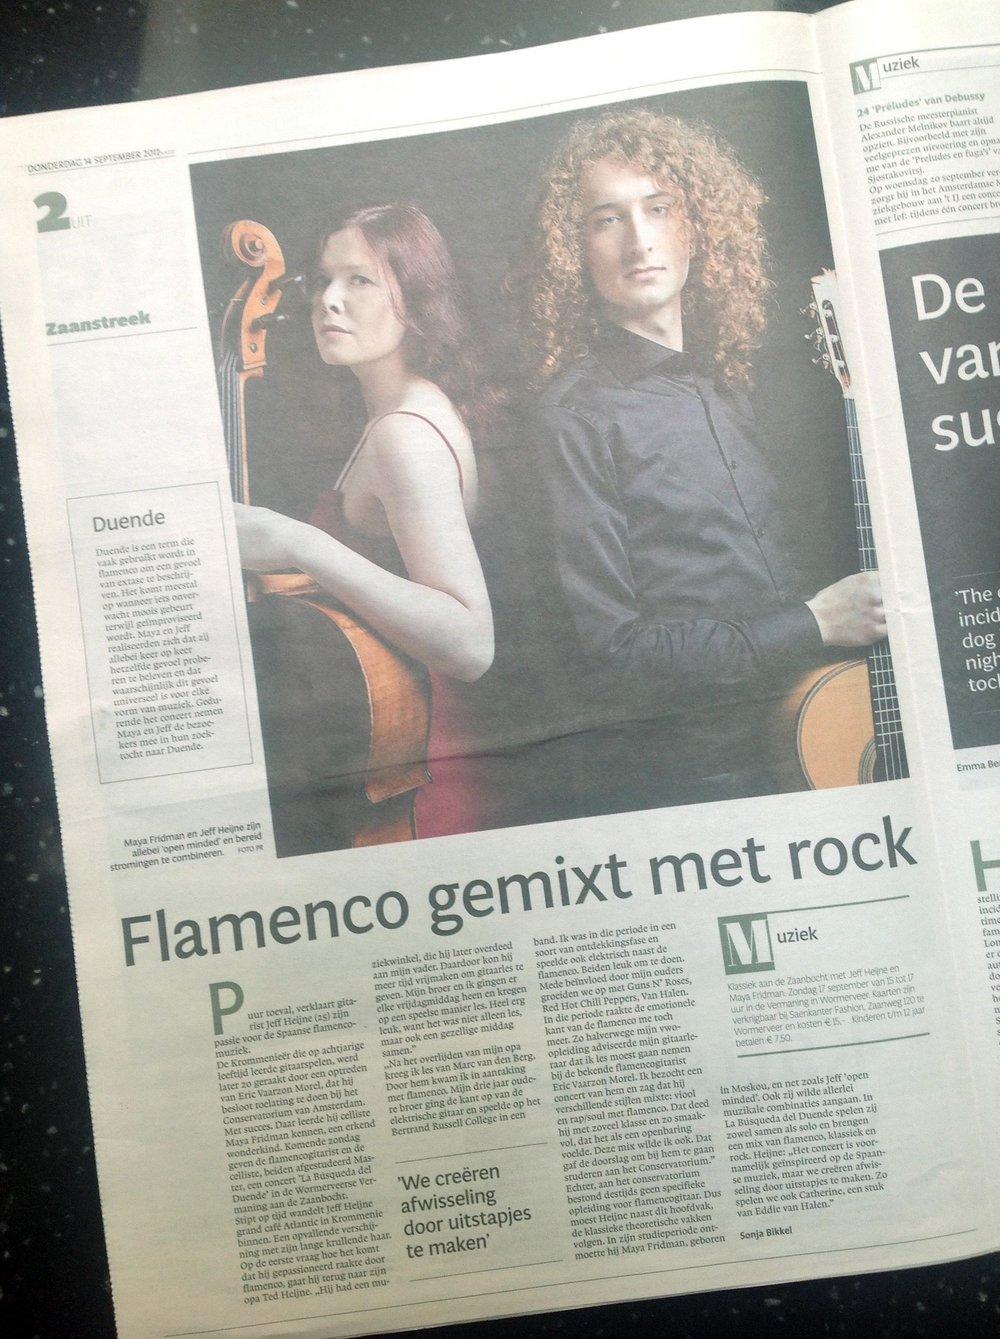 flamenco_gemixt_met_rock.jpg